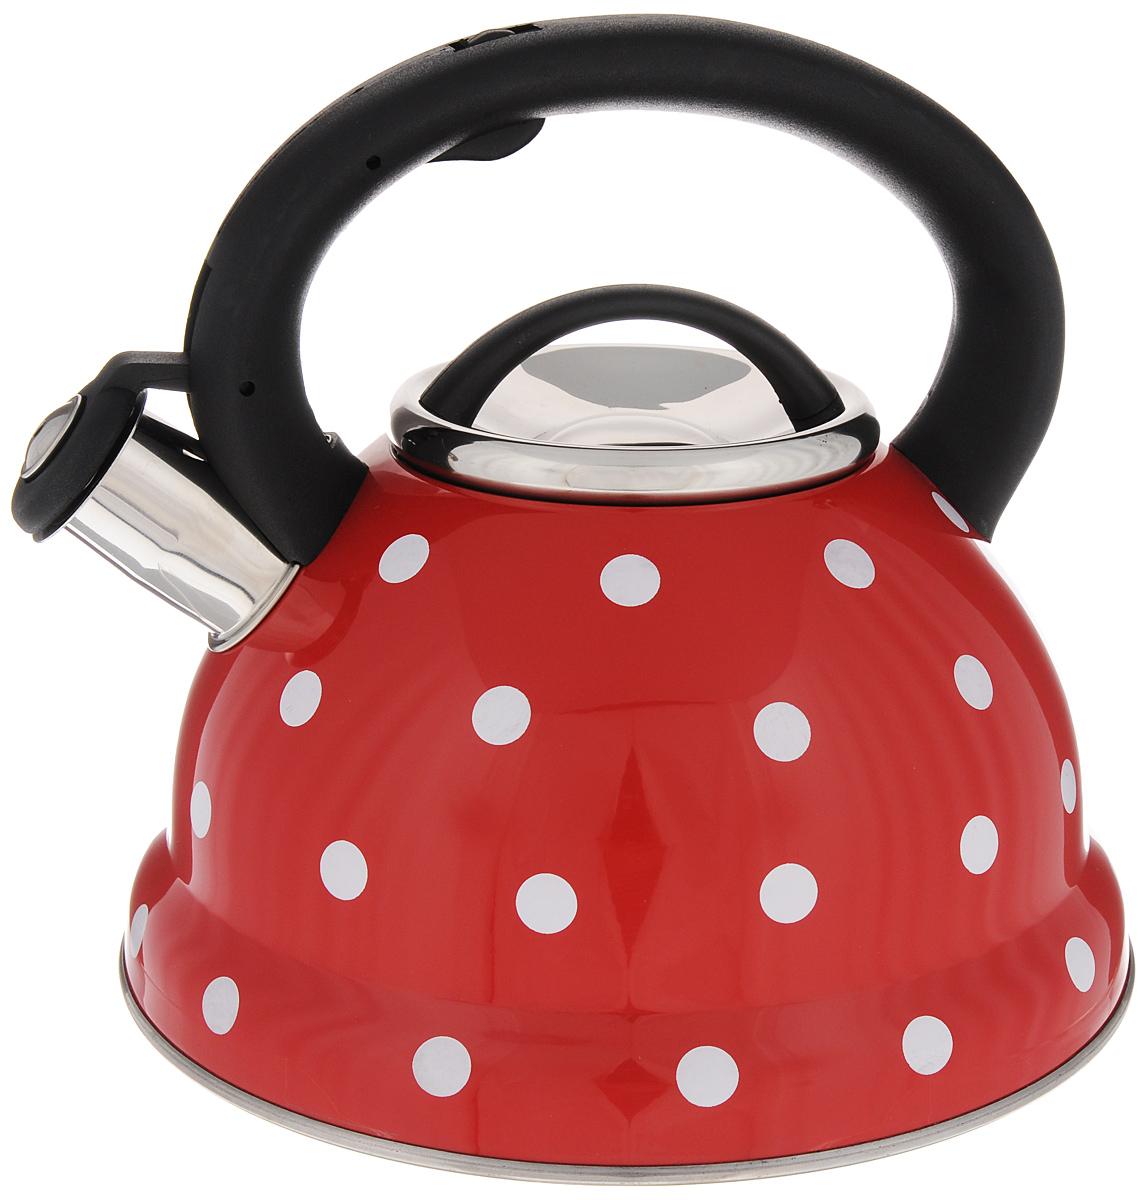 Чайник Mayer & Boch Горох, со свистком, 2,8 л. 24973VT-1520(SR)Чайник со свистком Mayer & Boch изготовлен из высококачественной нержавеющей стали, что обеспечивает долговечность использования. Носик чайника оснащен откидным свистком, звуковой сигнал которого подскажет, когда закипит вода. Фиксированная ручка, изготовленная из пластика и цинка, снабжена клавишей для открывания носика, что делает использование чайника очень удобным и безопасным. Чайник Mayer & Boch - качественное исполнение и стильное решение для вашей кухни. Подходит для всех типов плит, включая индукционные. Можно мыть в посудомоечной машине. Высота чайника (с учетом ручки): 21,5 см.Высота чайника (без учета ручки и крышки): 12 см.Диаметр чайника (по верхнему краю): 10 см.Диаметр основания: 22 см.